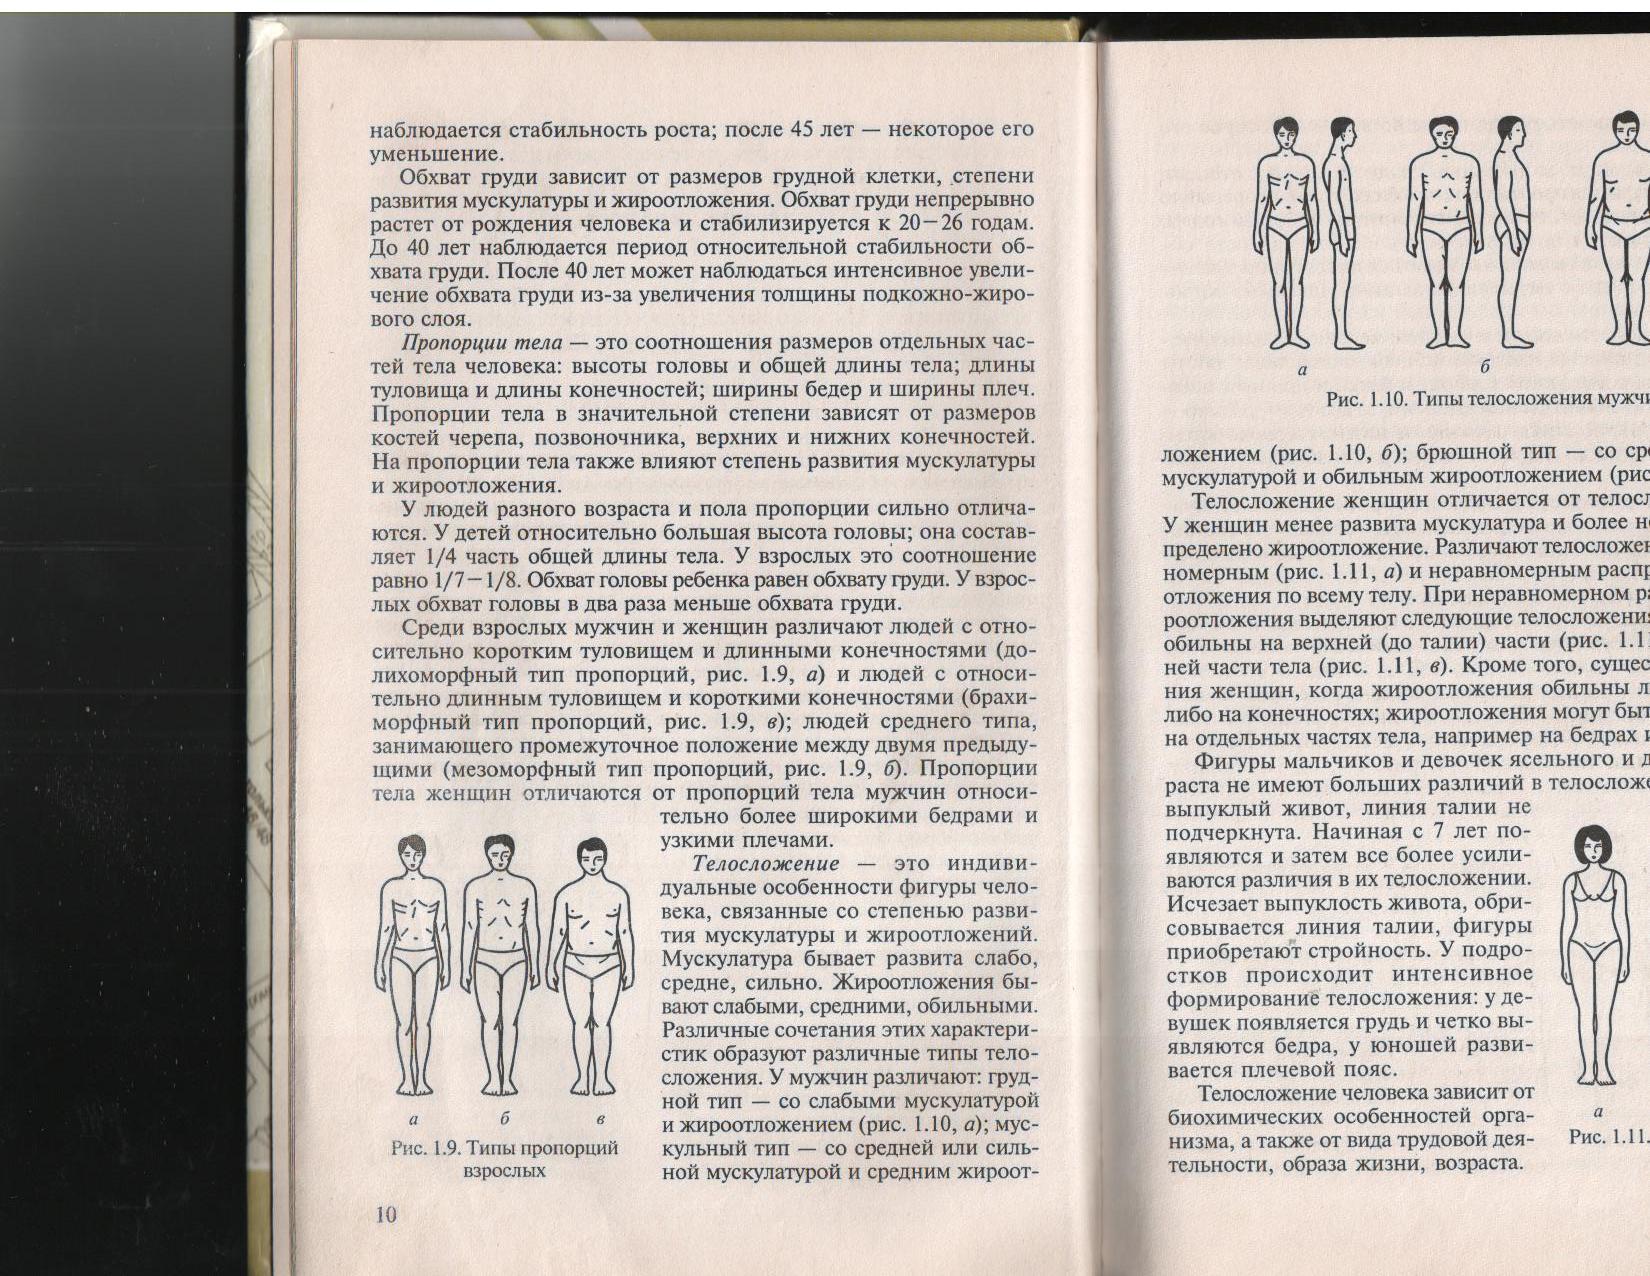 D:\Documents and Settings\Мастер\Мои документы\Мои рисунки\Изображение\Изображение 009.jpg